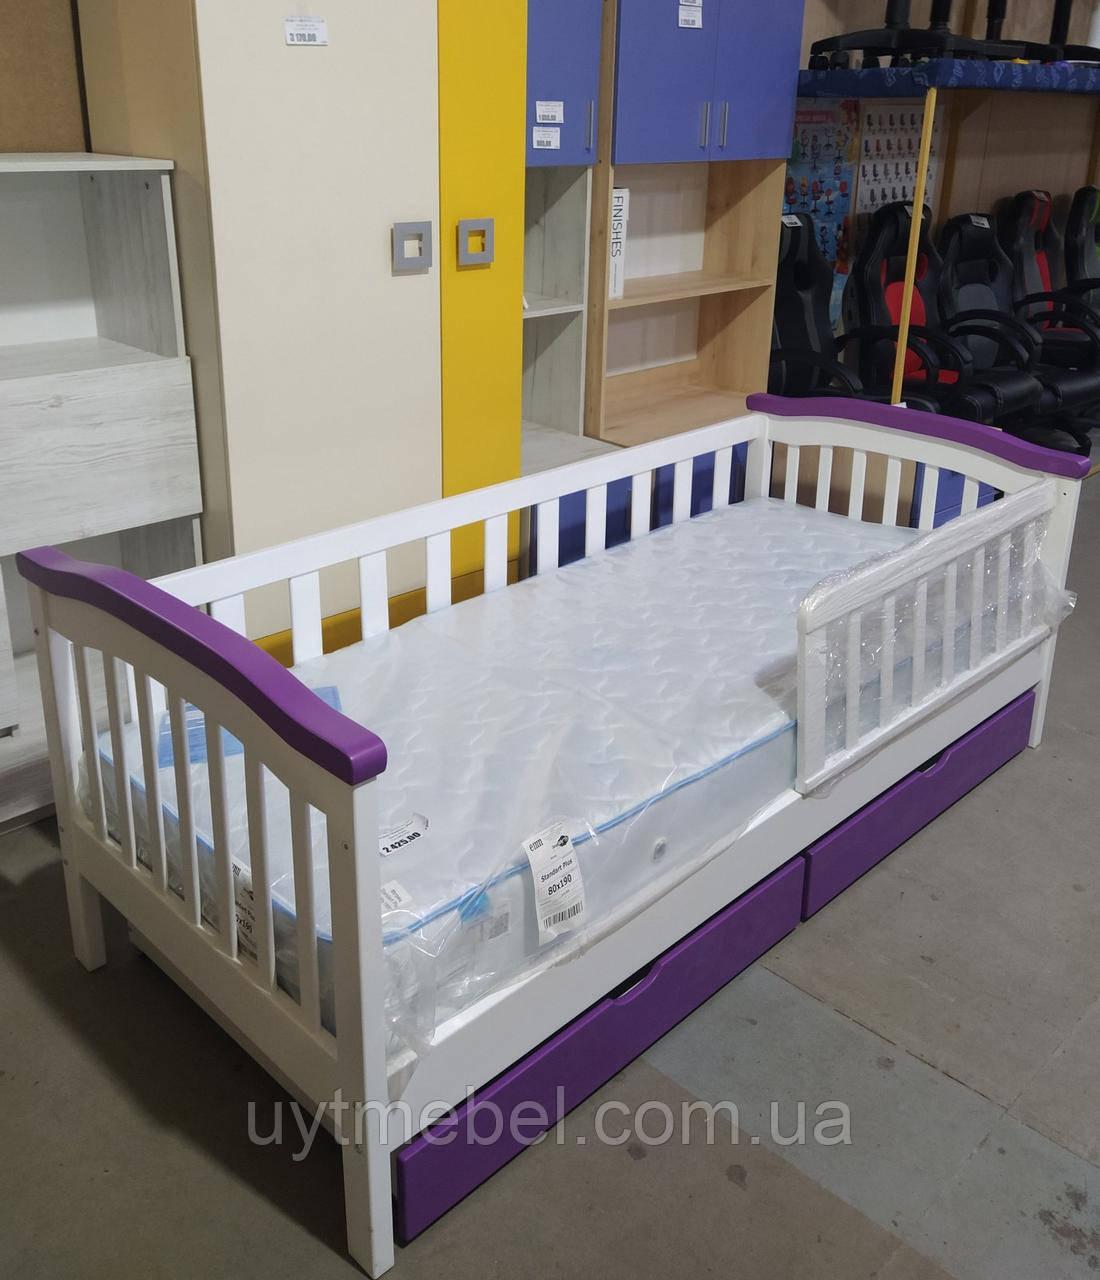 Ліжко Індиго 2 900х2100 дитяче+шух. білий+фіолет (Альбена)